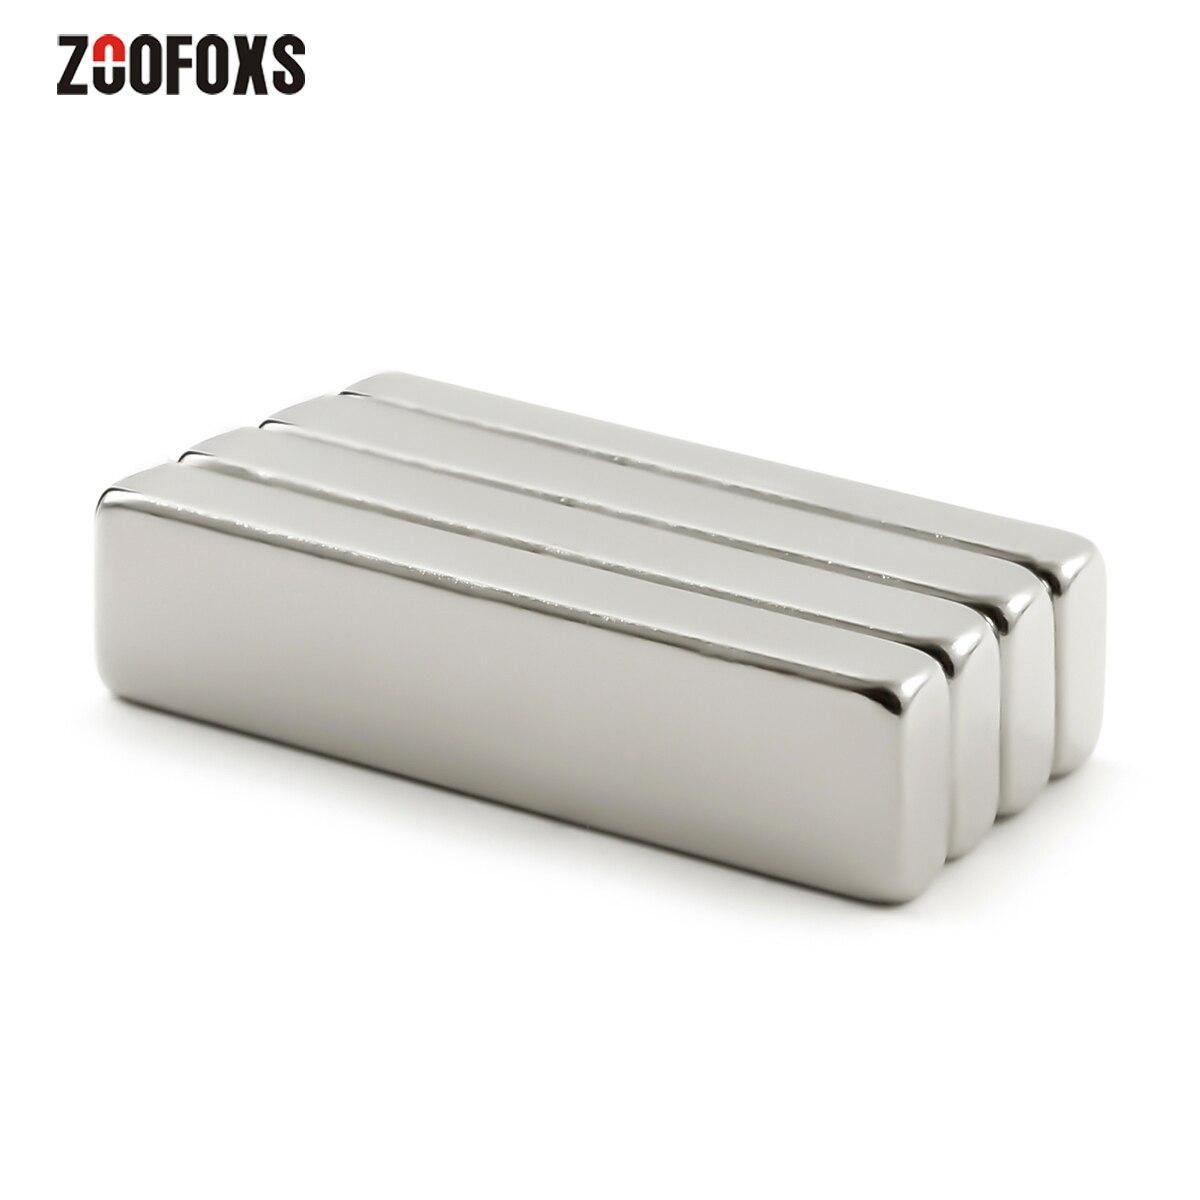 ZOOFOXS 3 шт. 40x10x3/4/5 мм блок неодимовый магнит редкоземельный Мощный магнит на холодильник 40x10x3/4/5 мм для рукоделия «сделай сам»